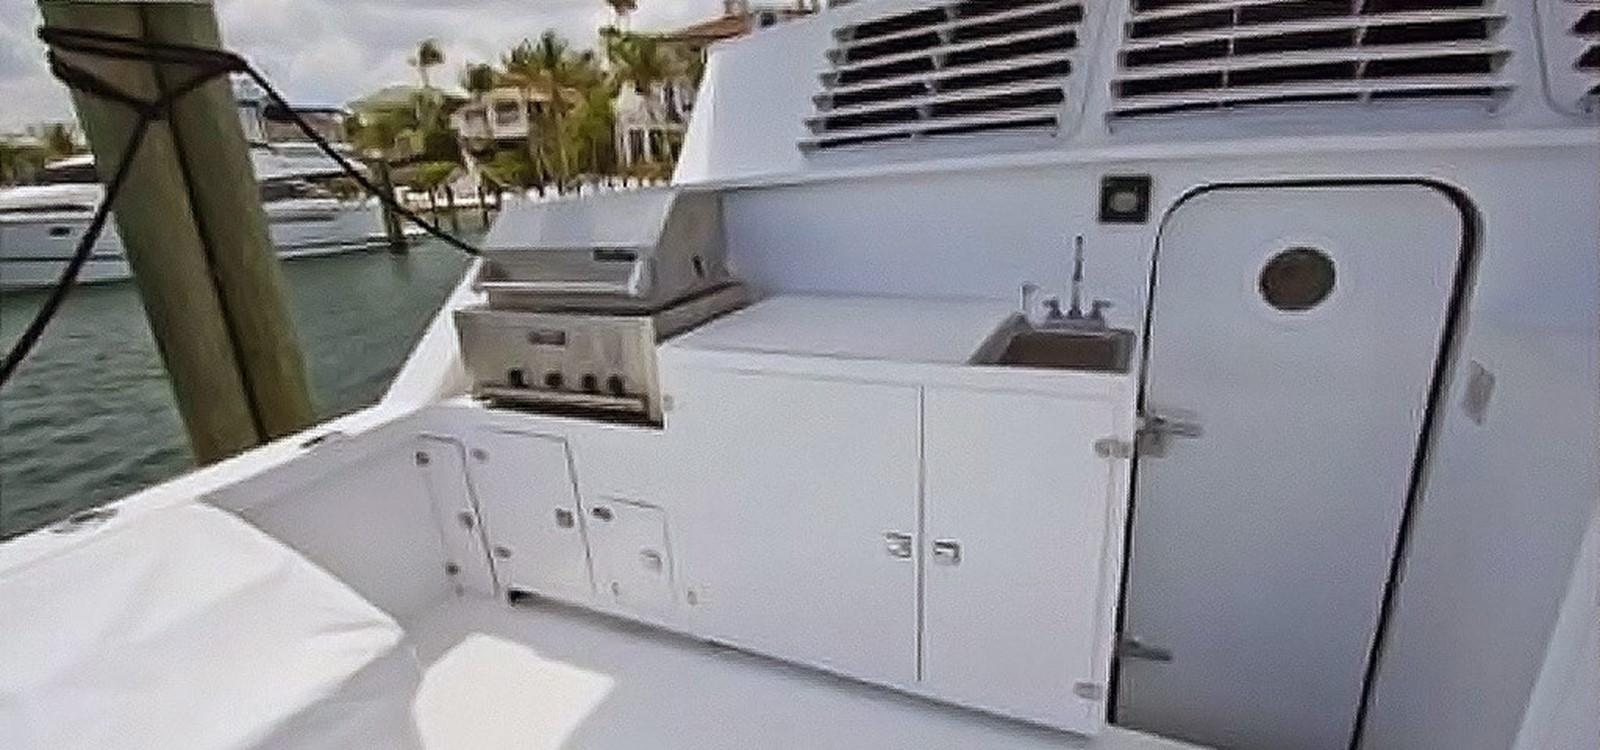 1986 DENISON Raised Pilothouse Motor Yacht 2432718